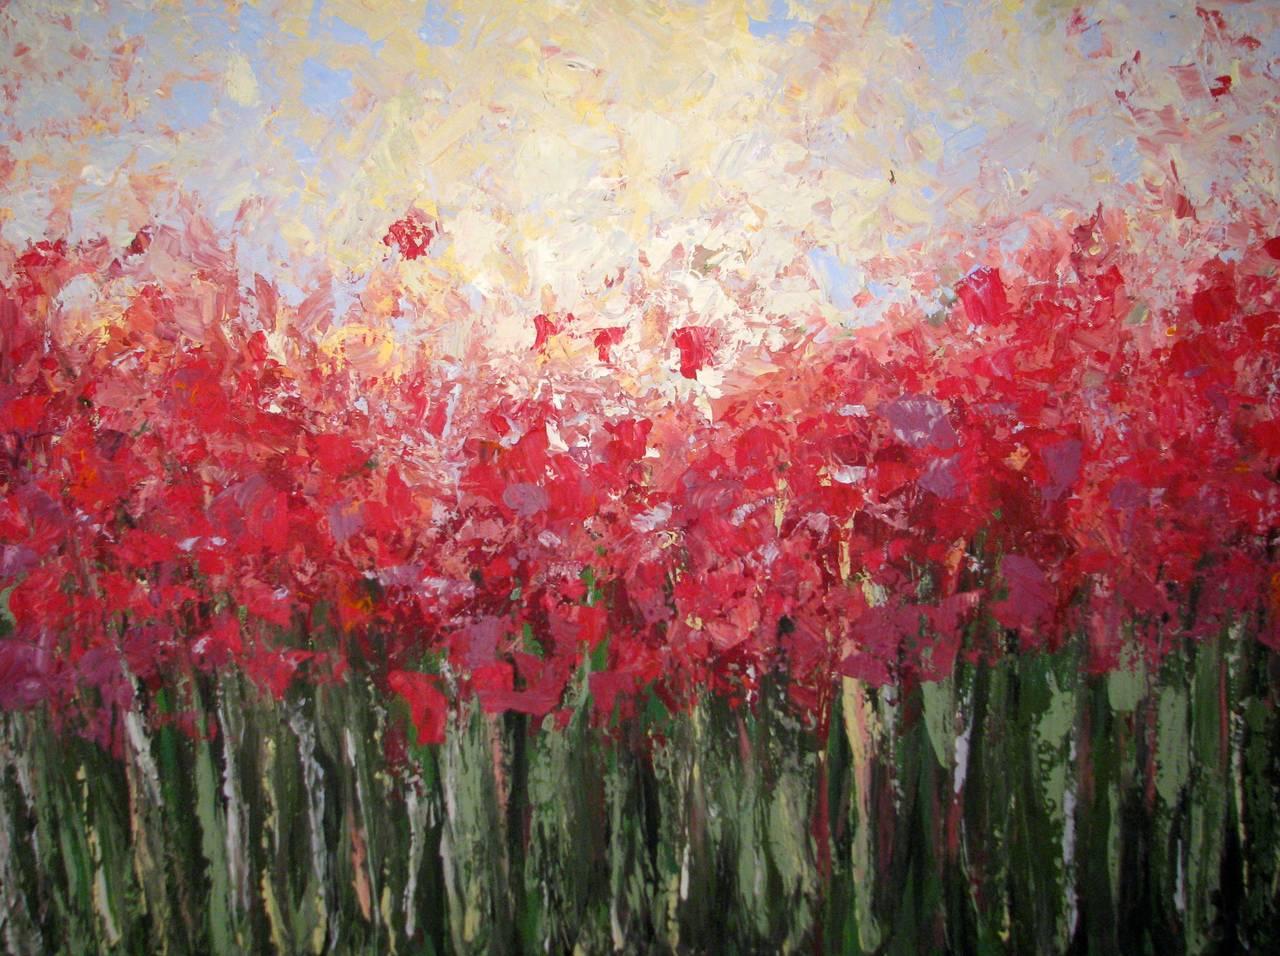 Landschaftsmalerei impressionismus  Atelier Birgit Braun Celle – Kunst, Malerei, Natur, Stillleben, Portrait